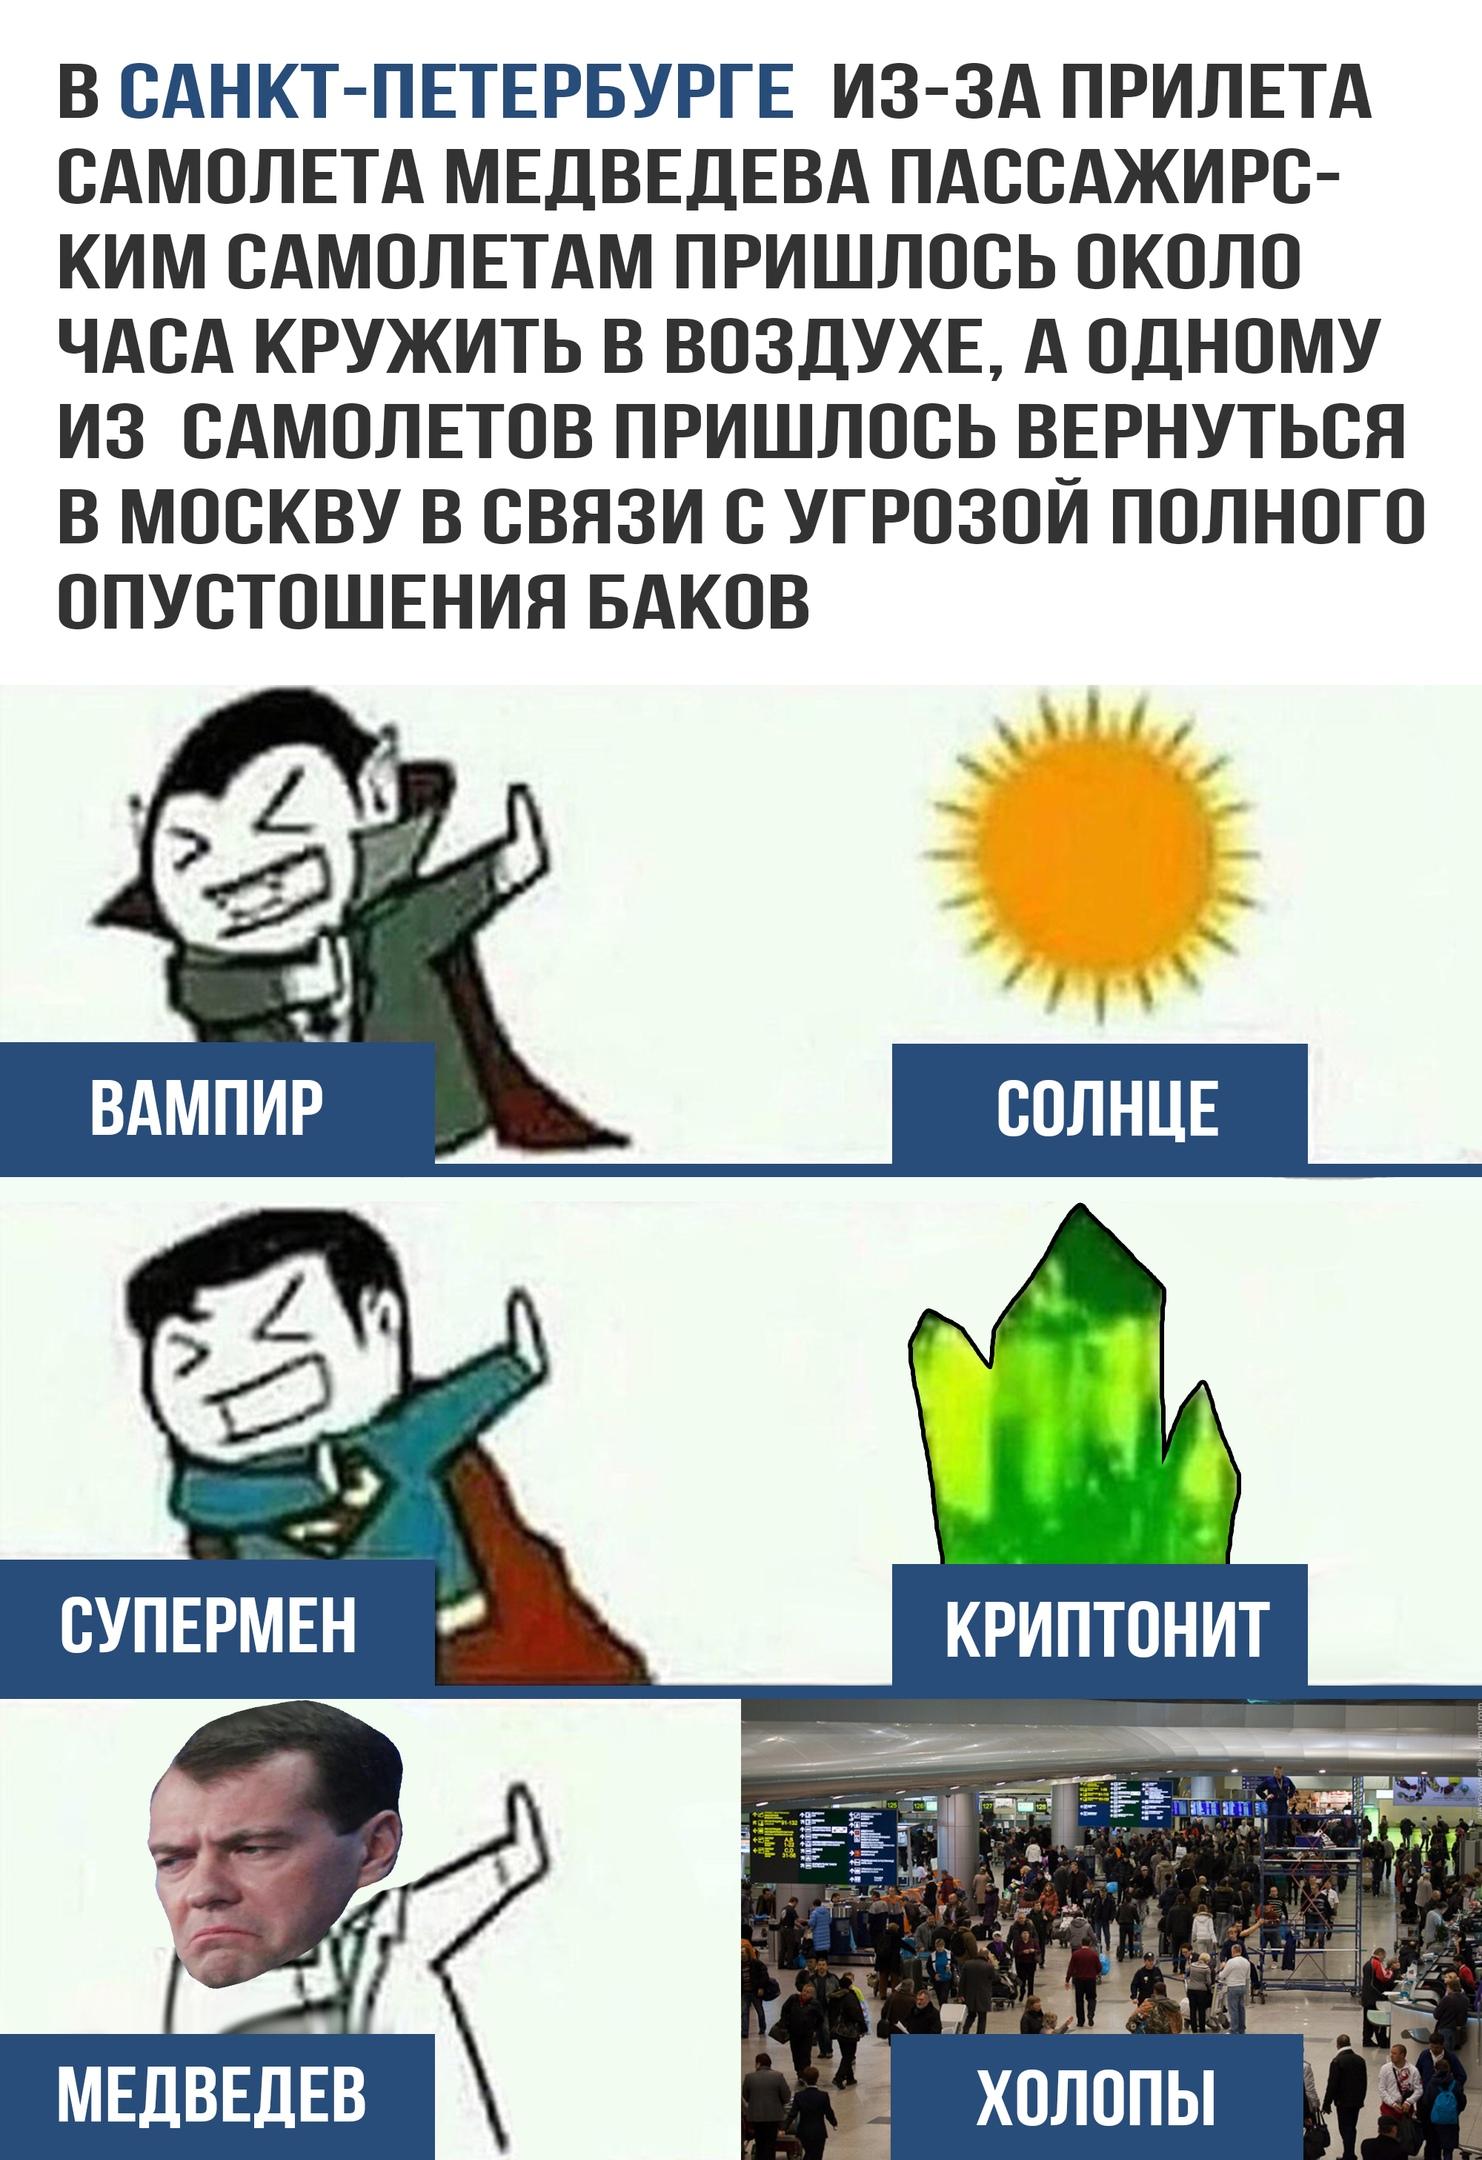 https://pp.userapi.com/c830308/v830308511/1585ef/ogd6fhvTxCo.jpg